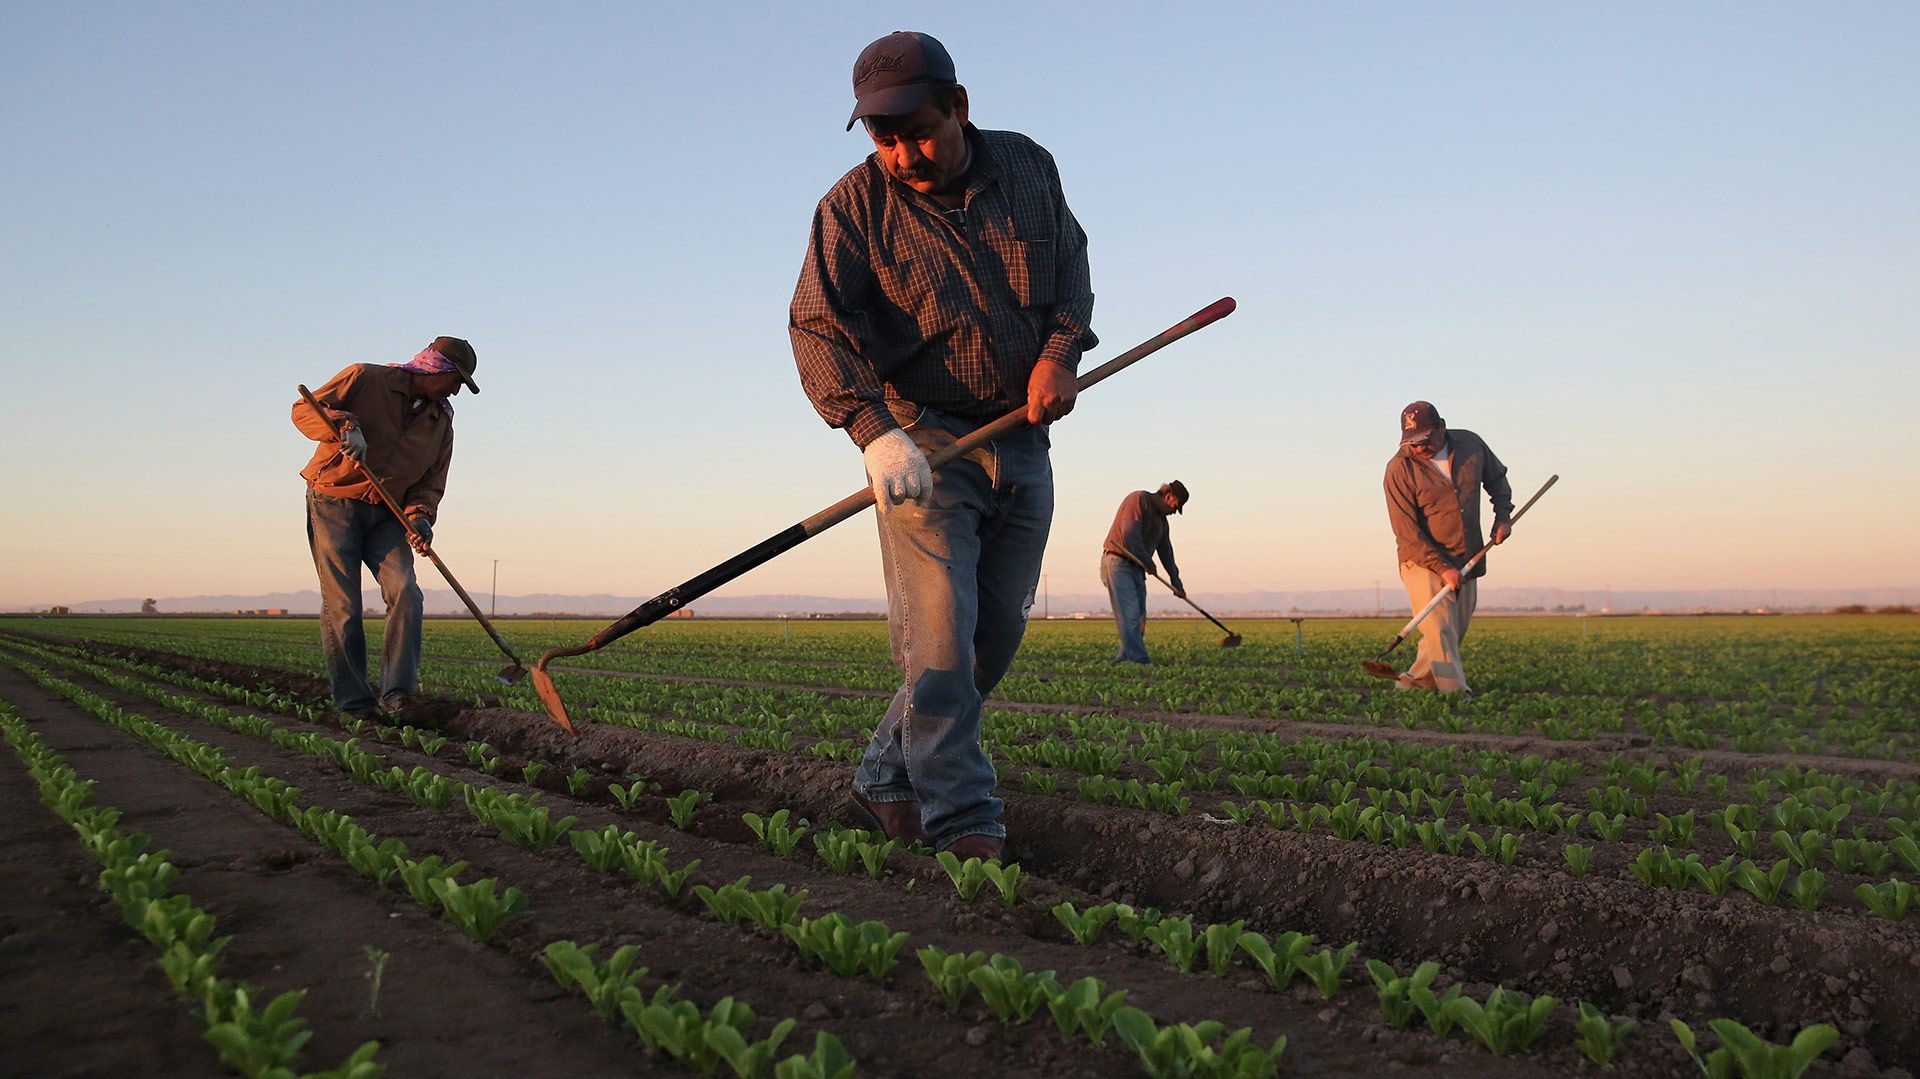 """El programa """"Sembrando Vidas"""" apoya a 400,000 productores del campo en diecinueve estados, entre ellos: Chihuahua, Tamaulipas, Tlaxcala, Veracruz, Durango, San Luis Potosí, Tlaxcala y Yucatán (Foto: Getty)"""